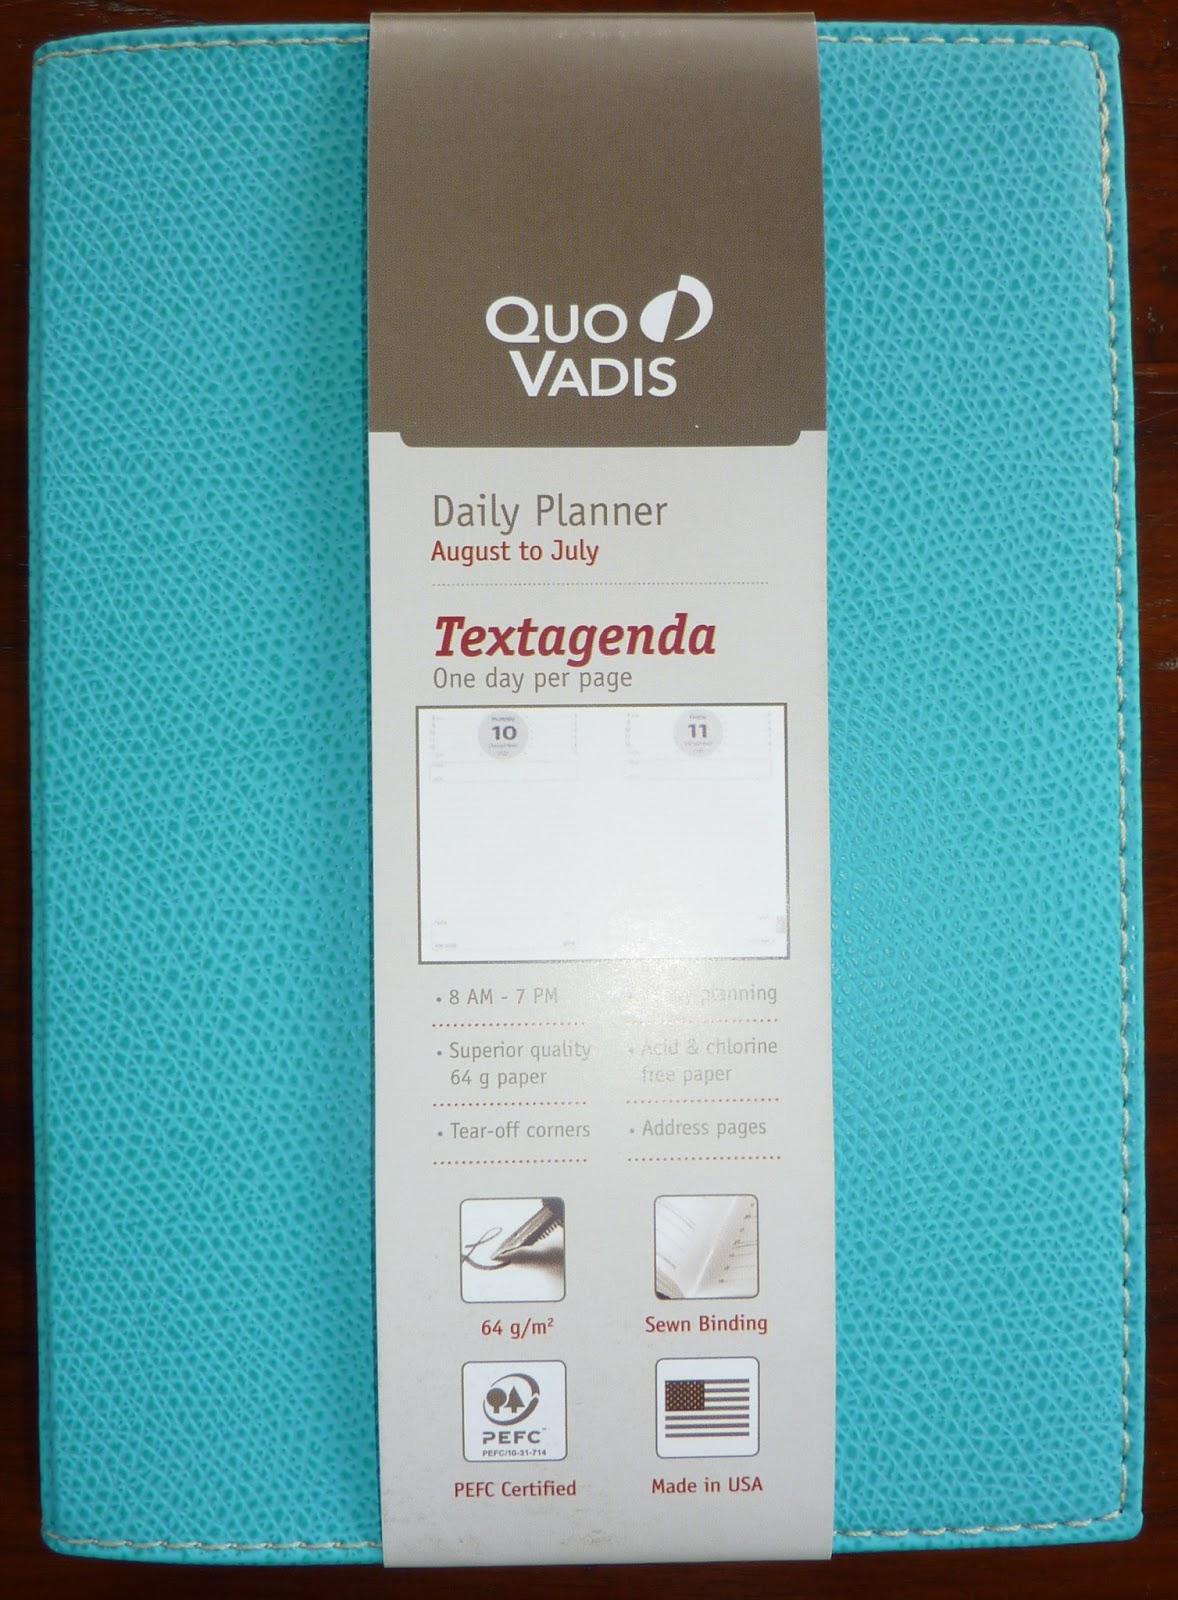 Textagenda quo vadis